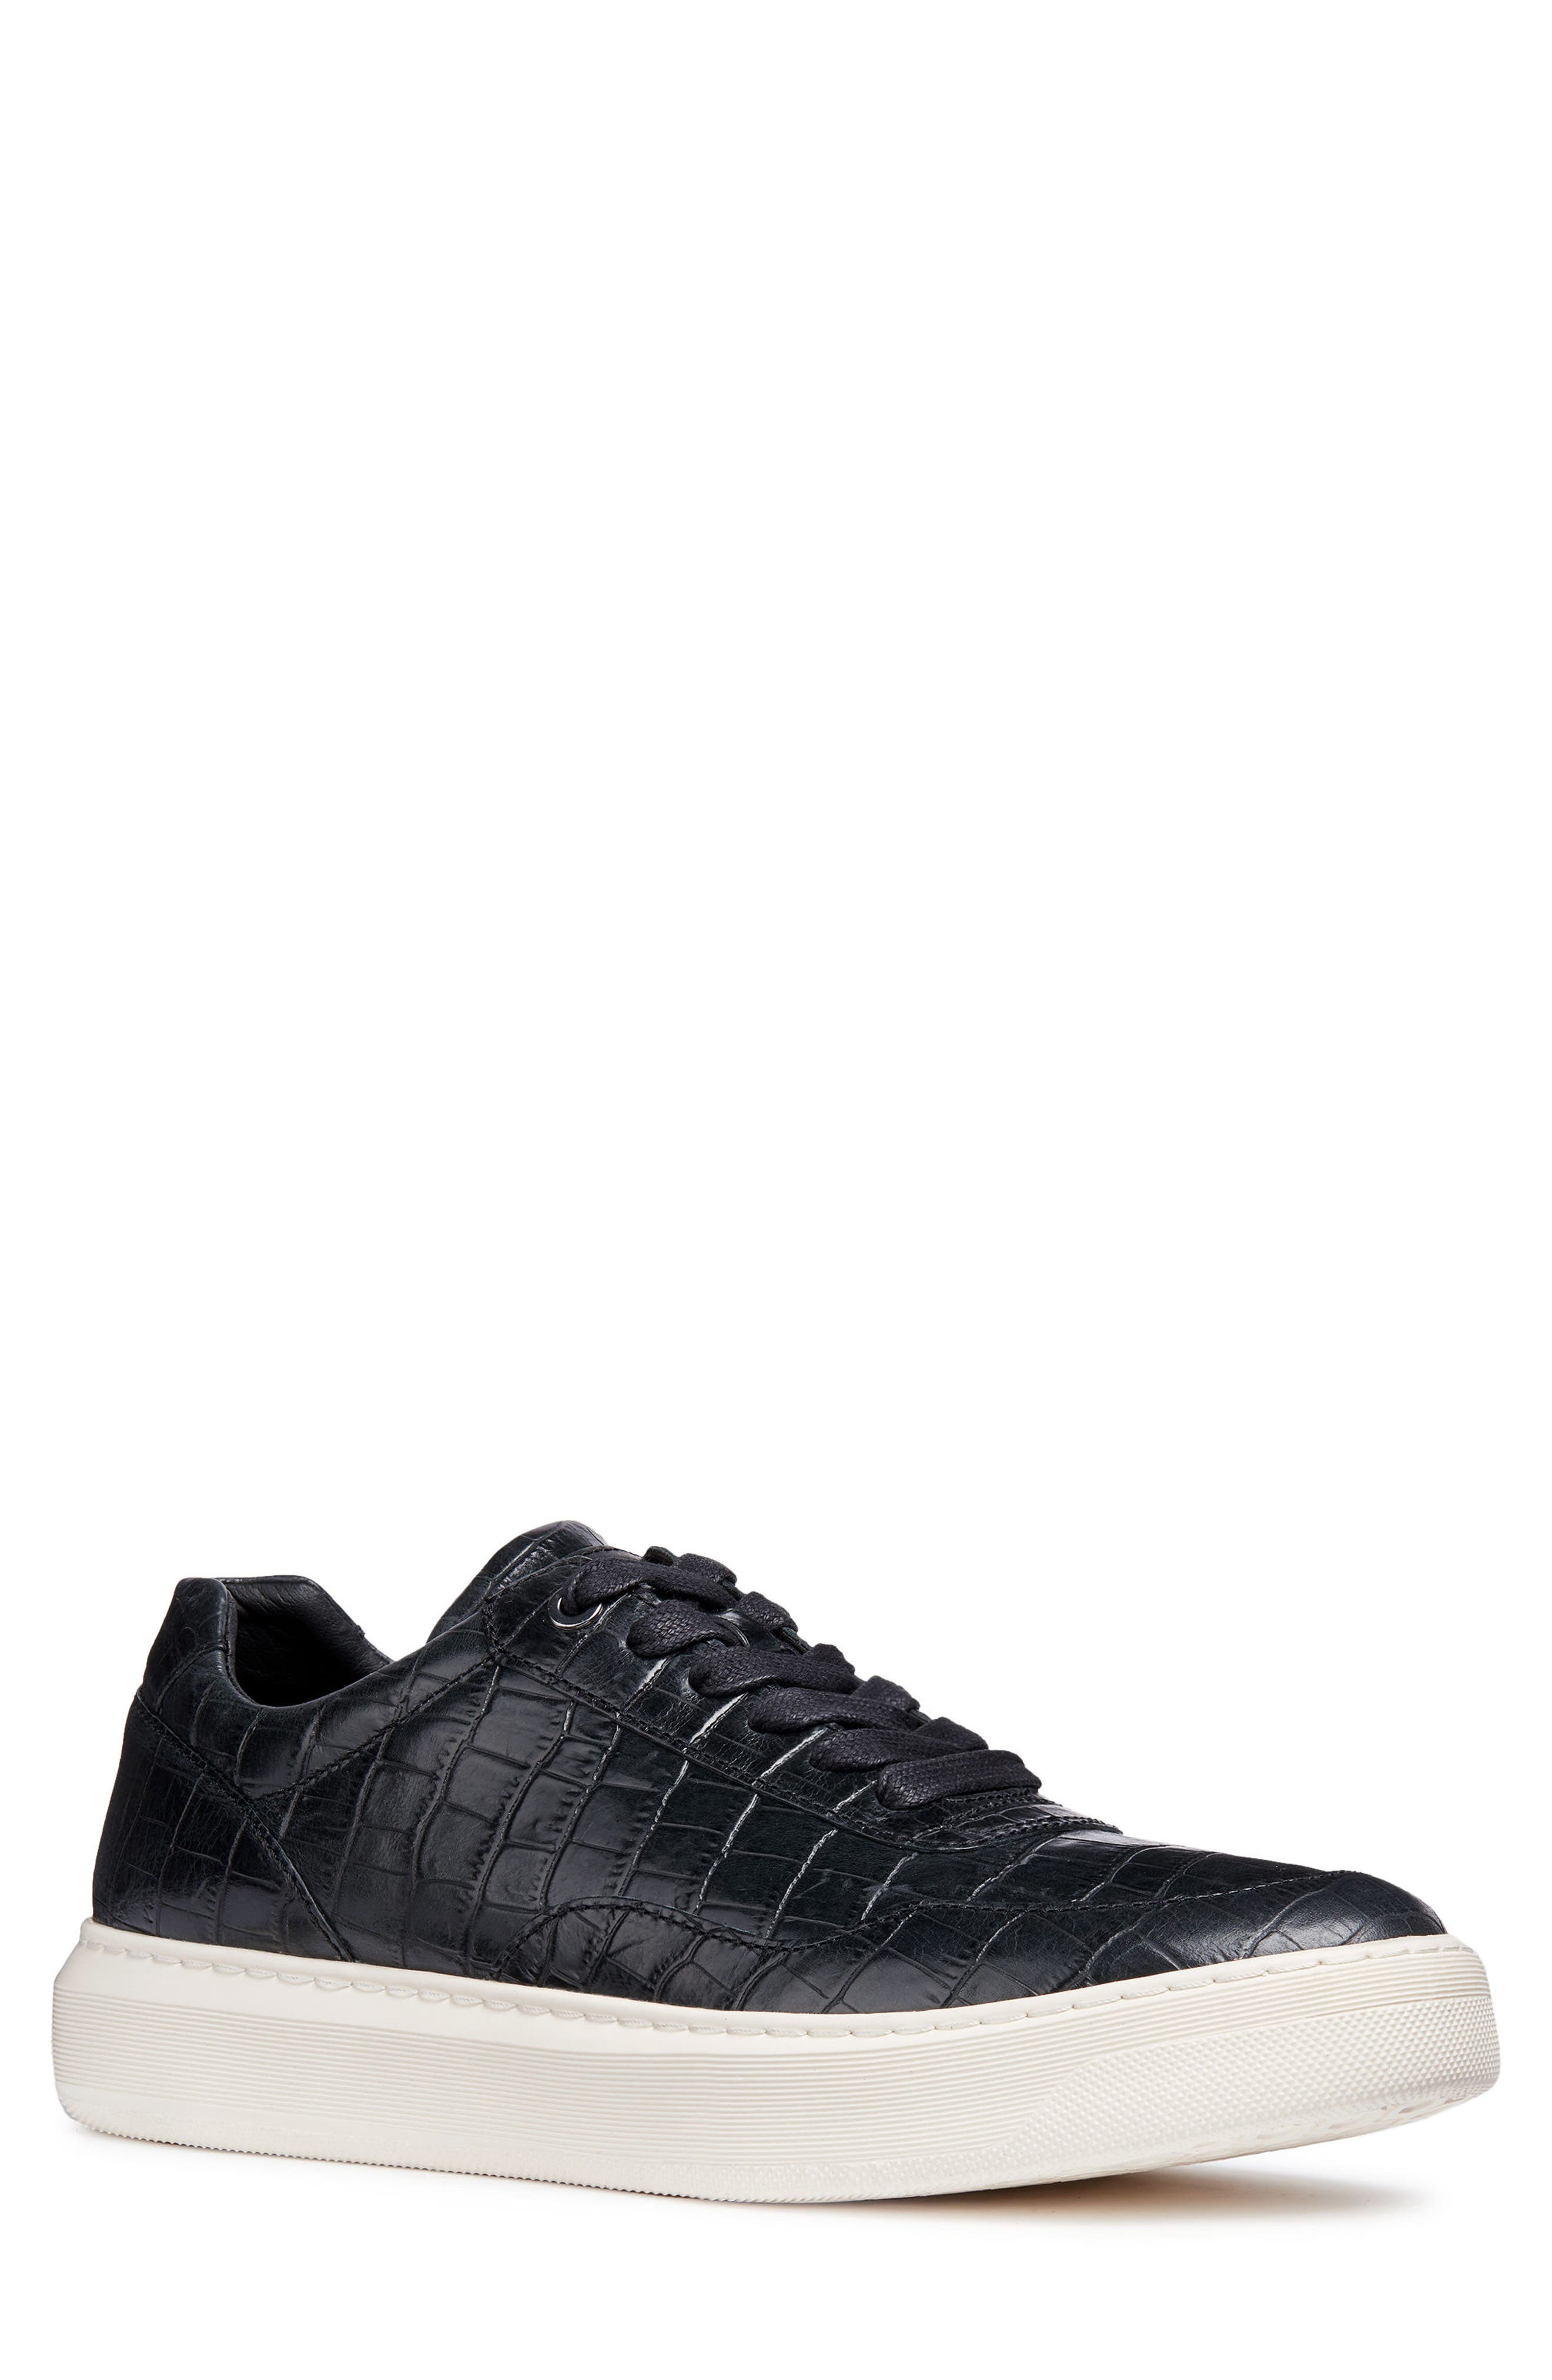 Geox Deiven 8 Croc Textured Low Top Sneaker, Black